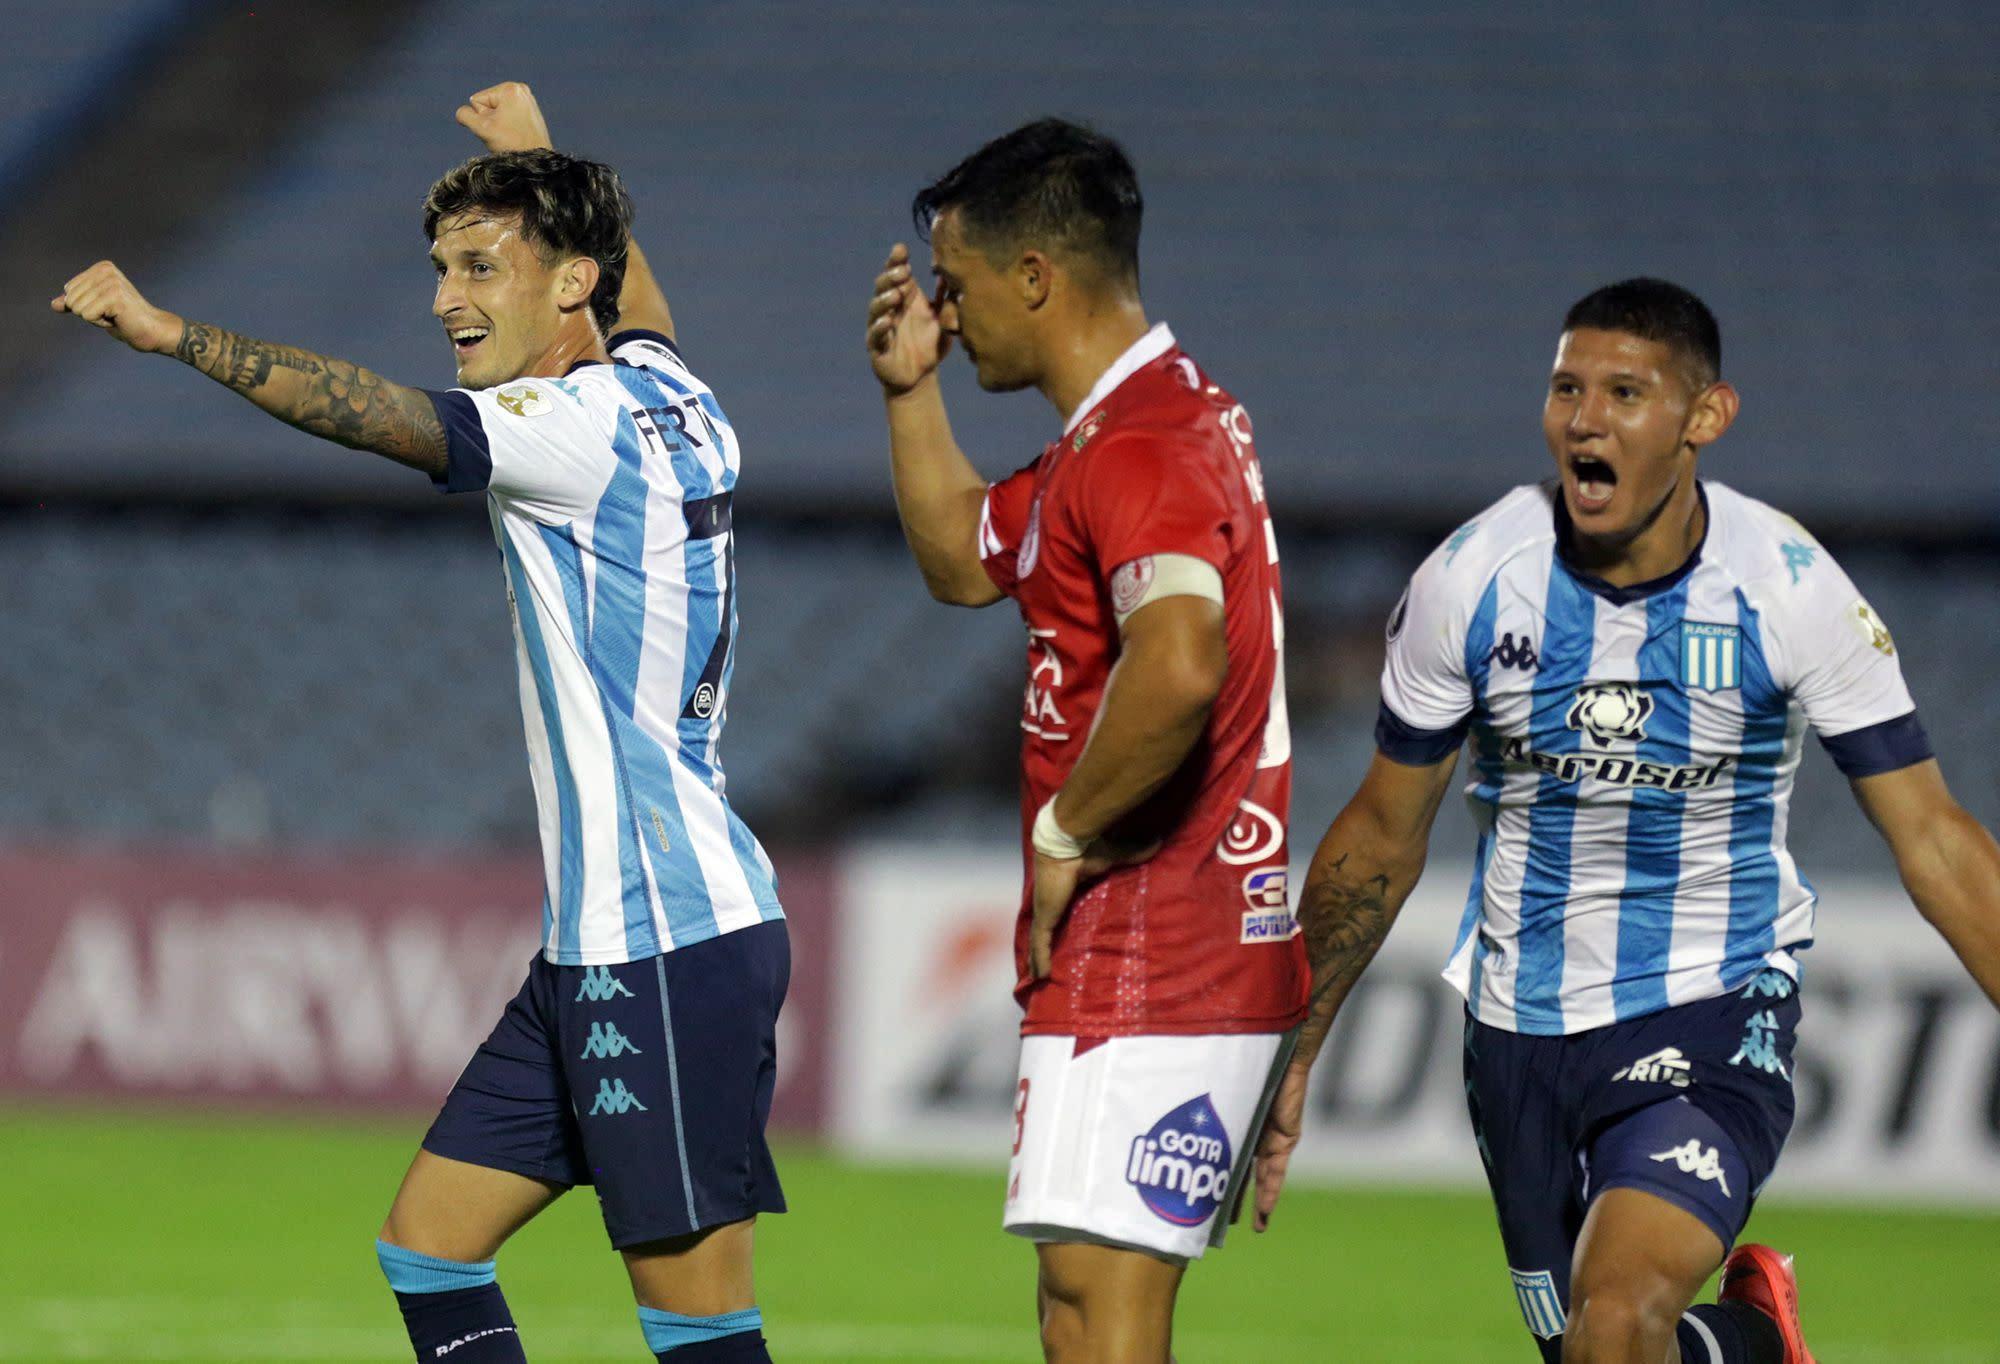 Racing esquivó una derrota que podía marcar su destino en la Copa  Libertadores, pero no puede disimular su mal rendimiento